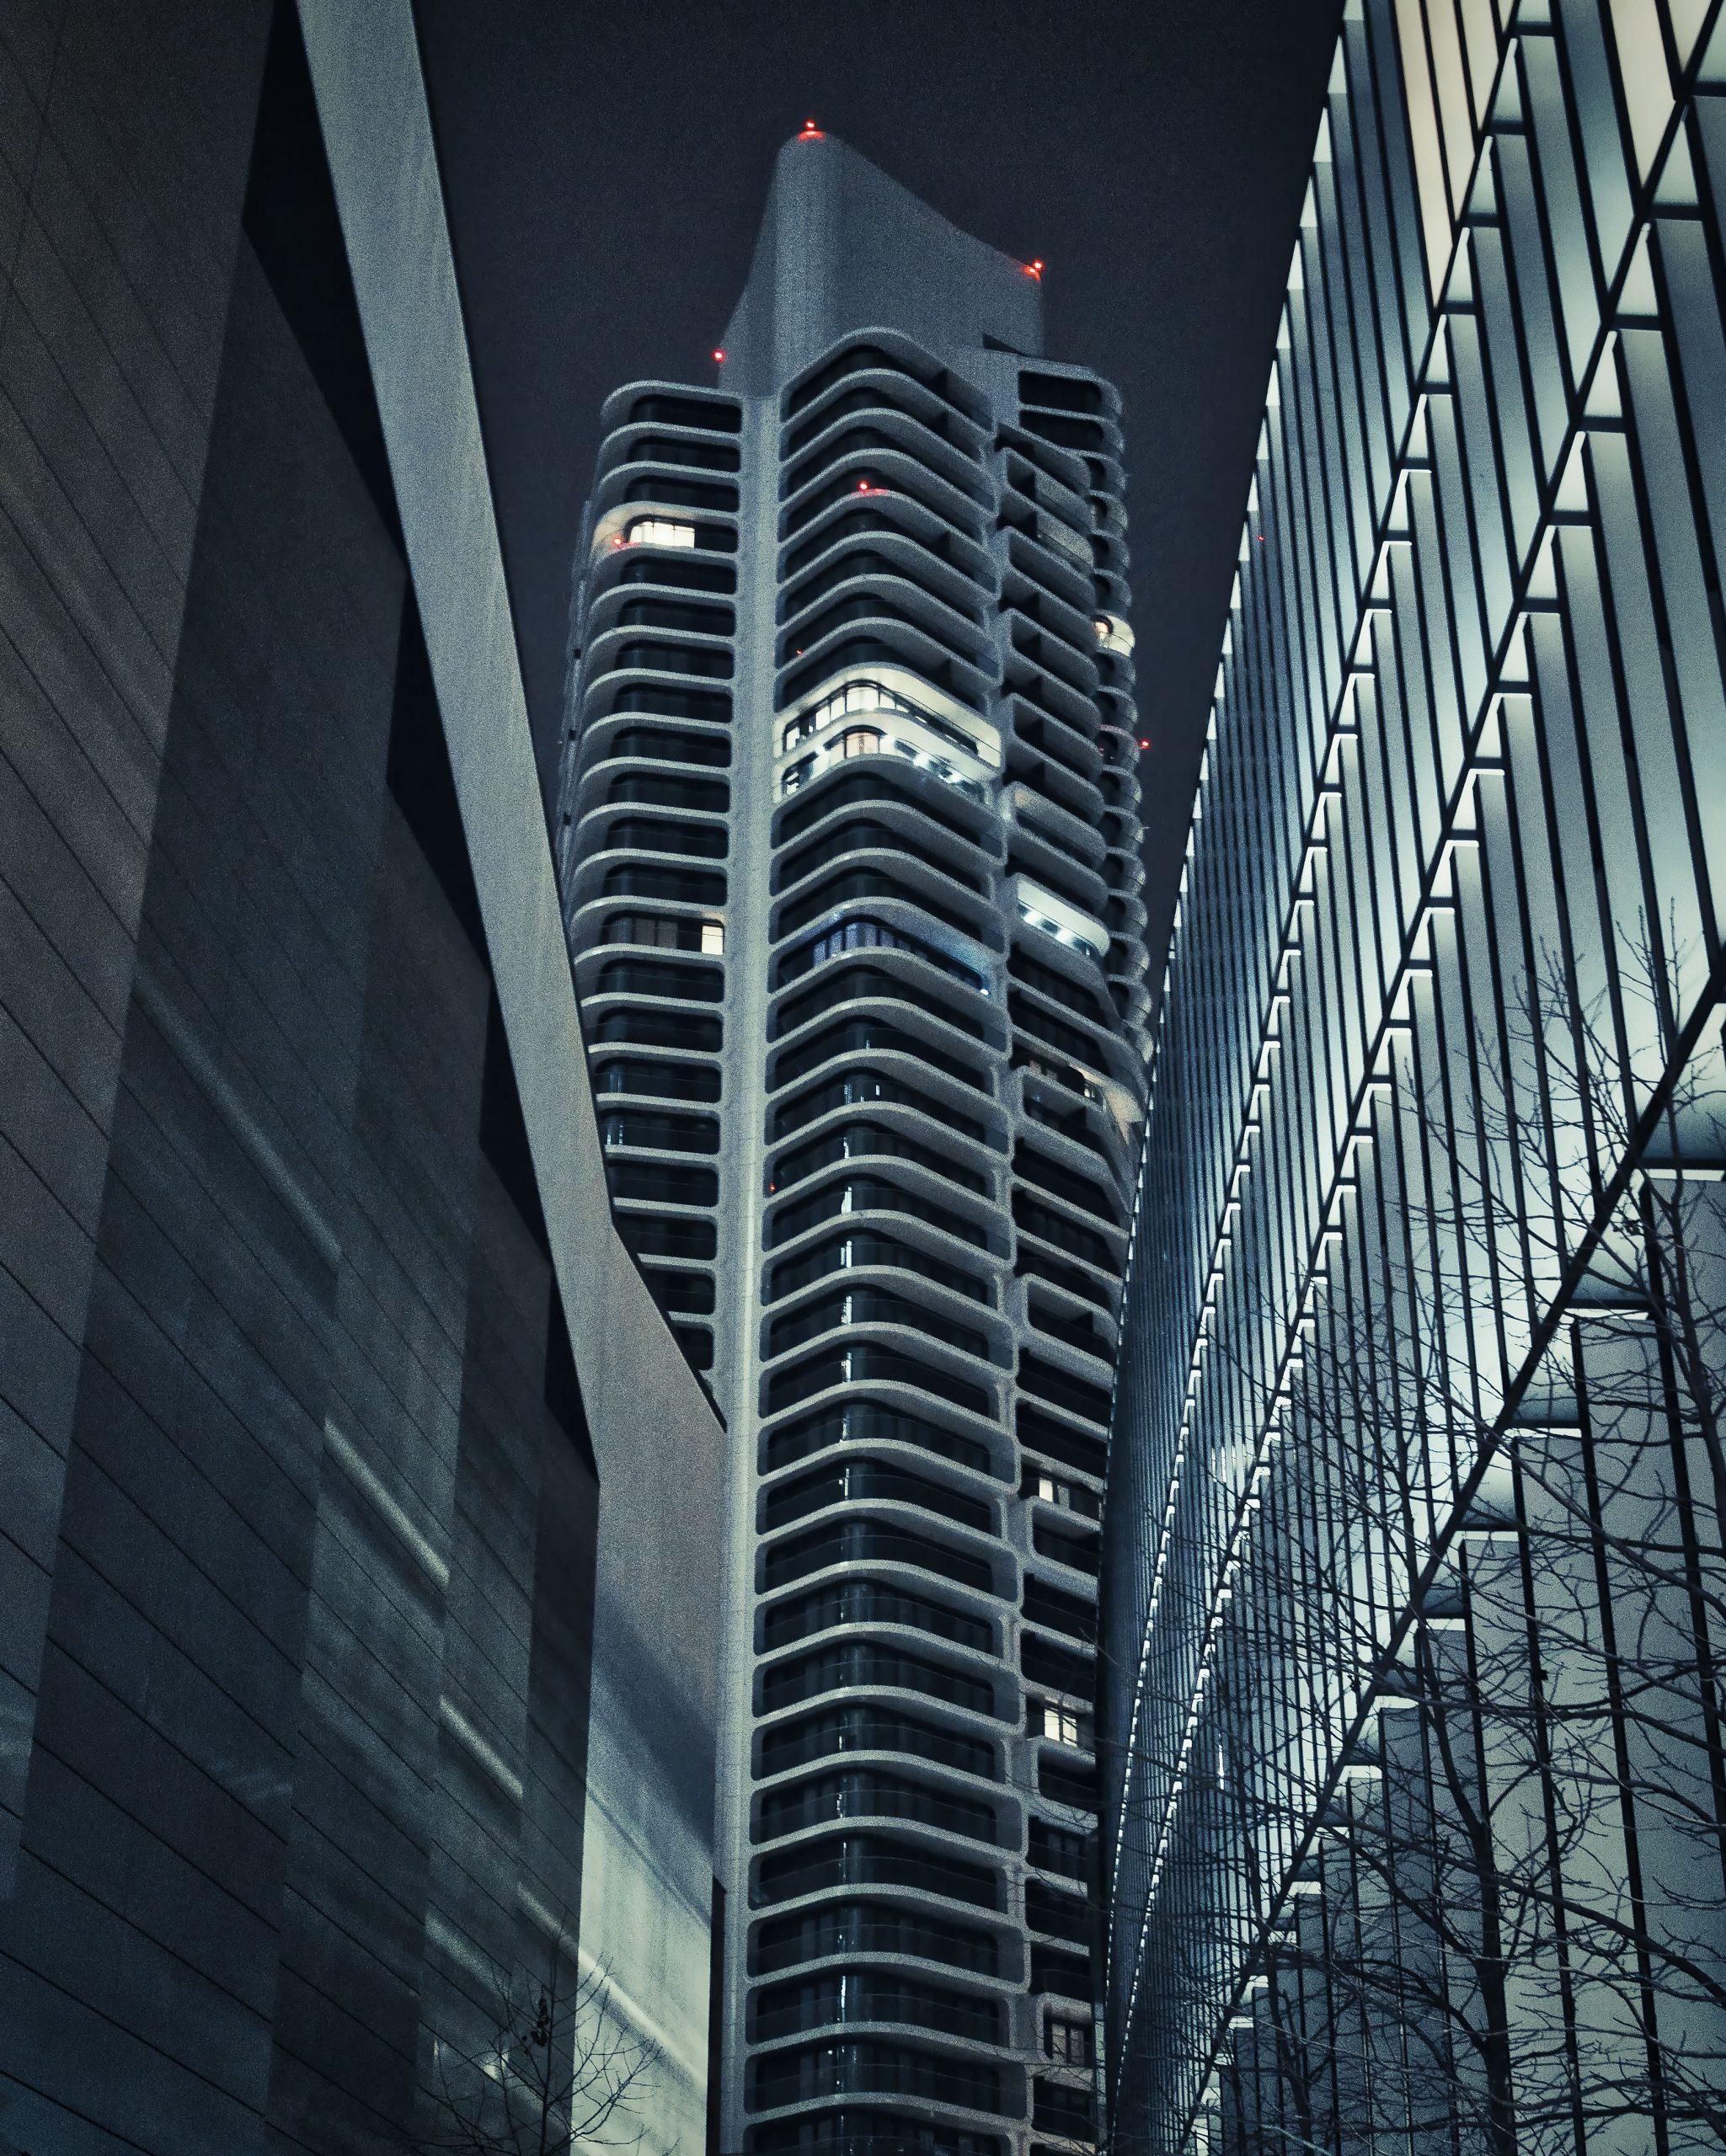 Skyscraper - picture taken with Samyang AF 85mm F1.4